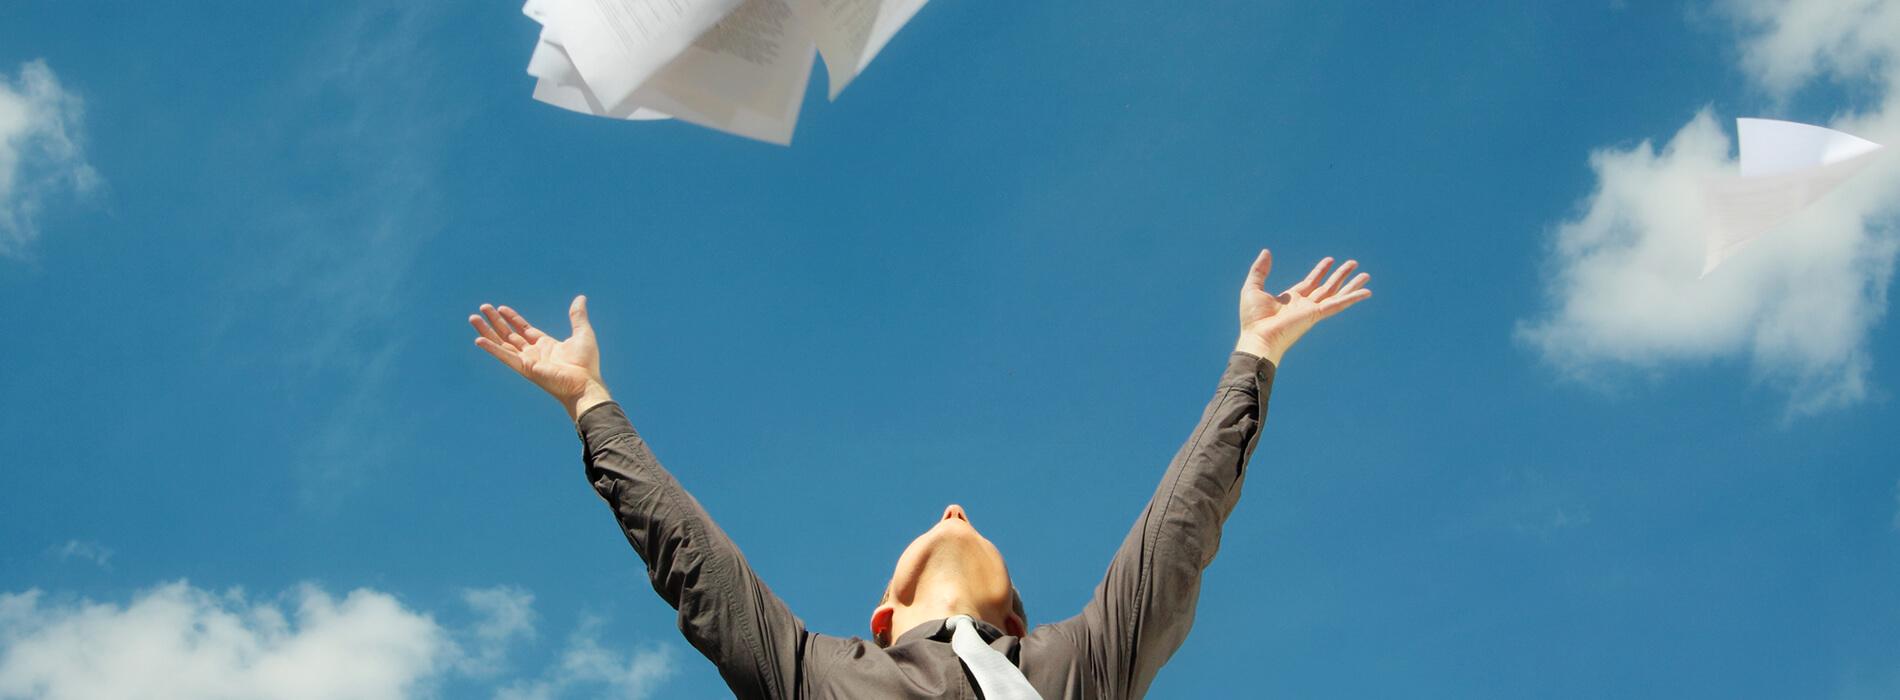 liberacion-deudas-ley-segunda-oportunidad-tortajada-advocats-sabadell